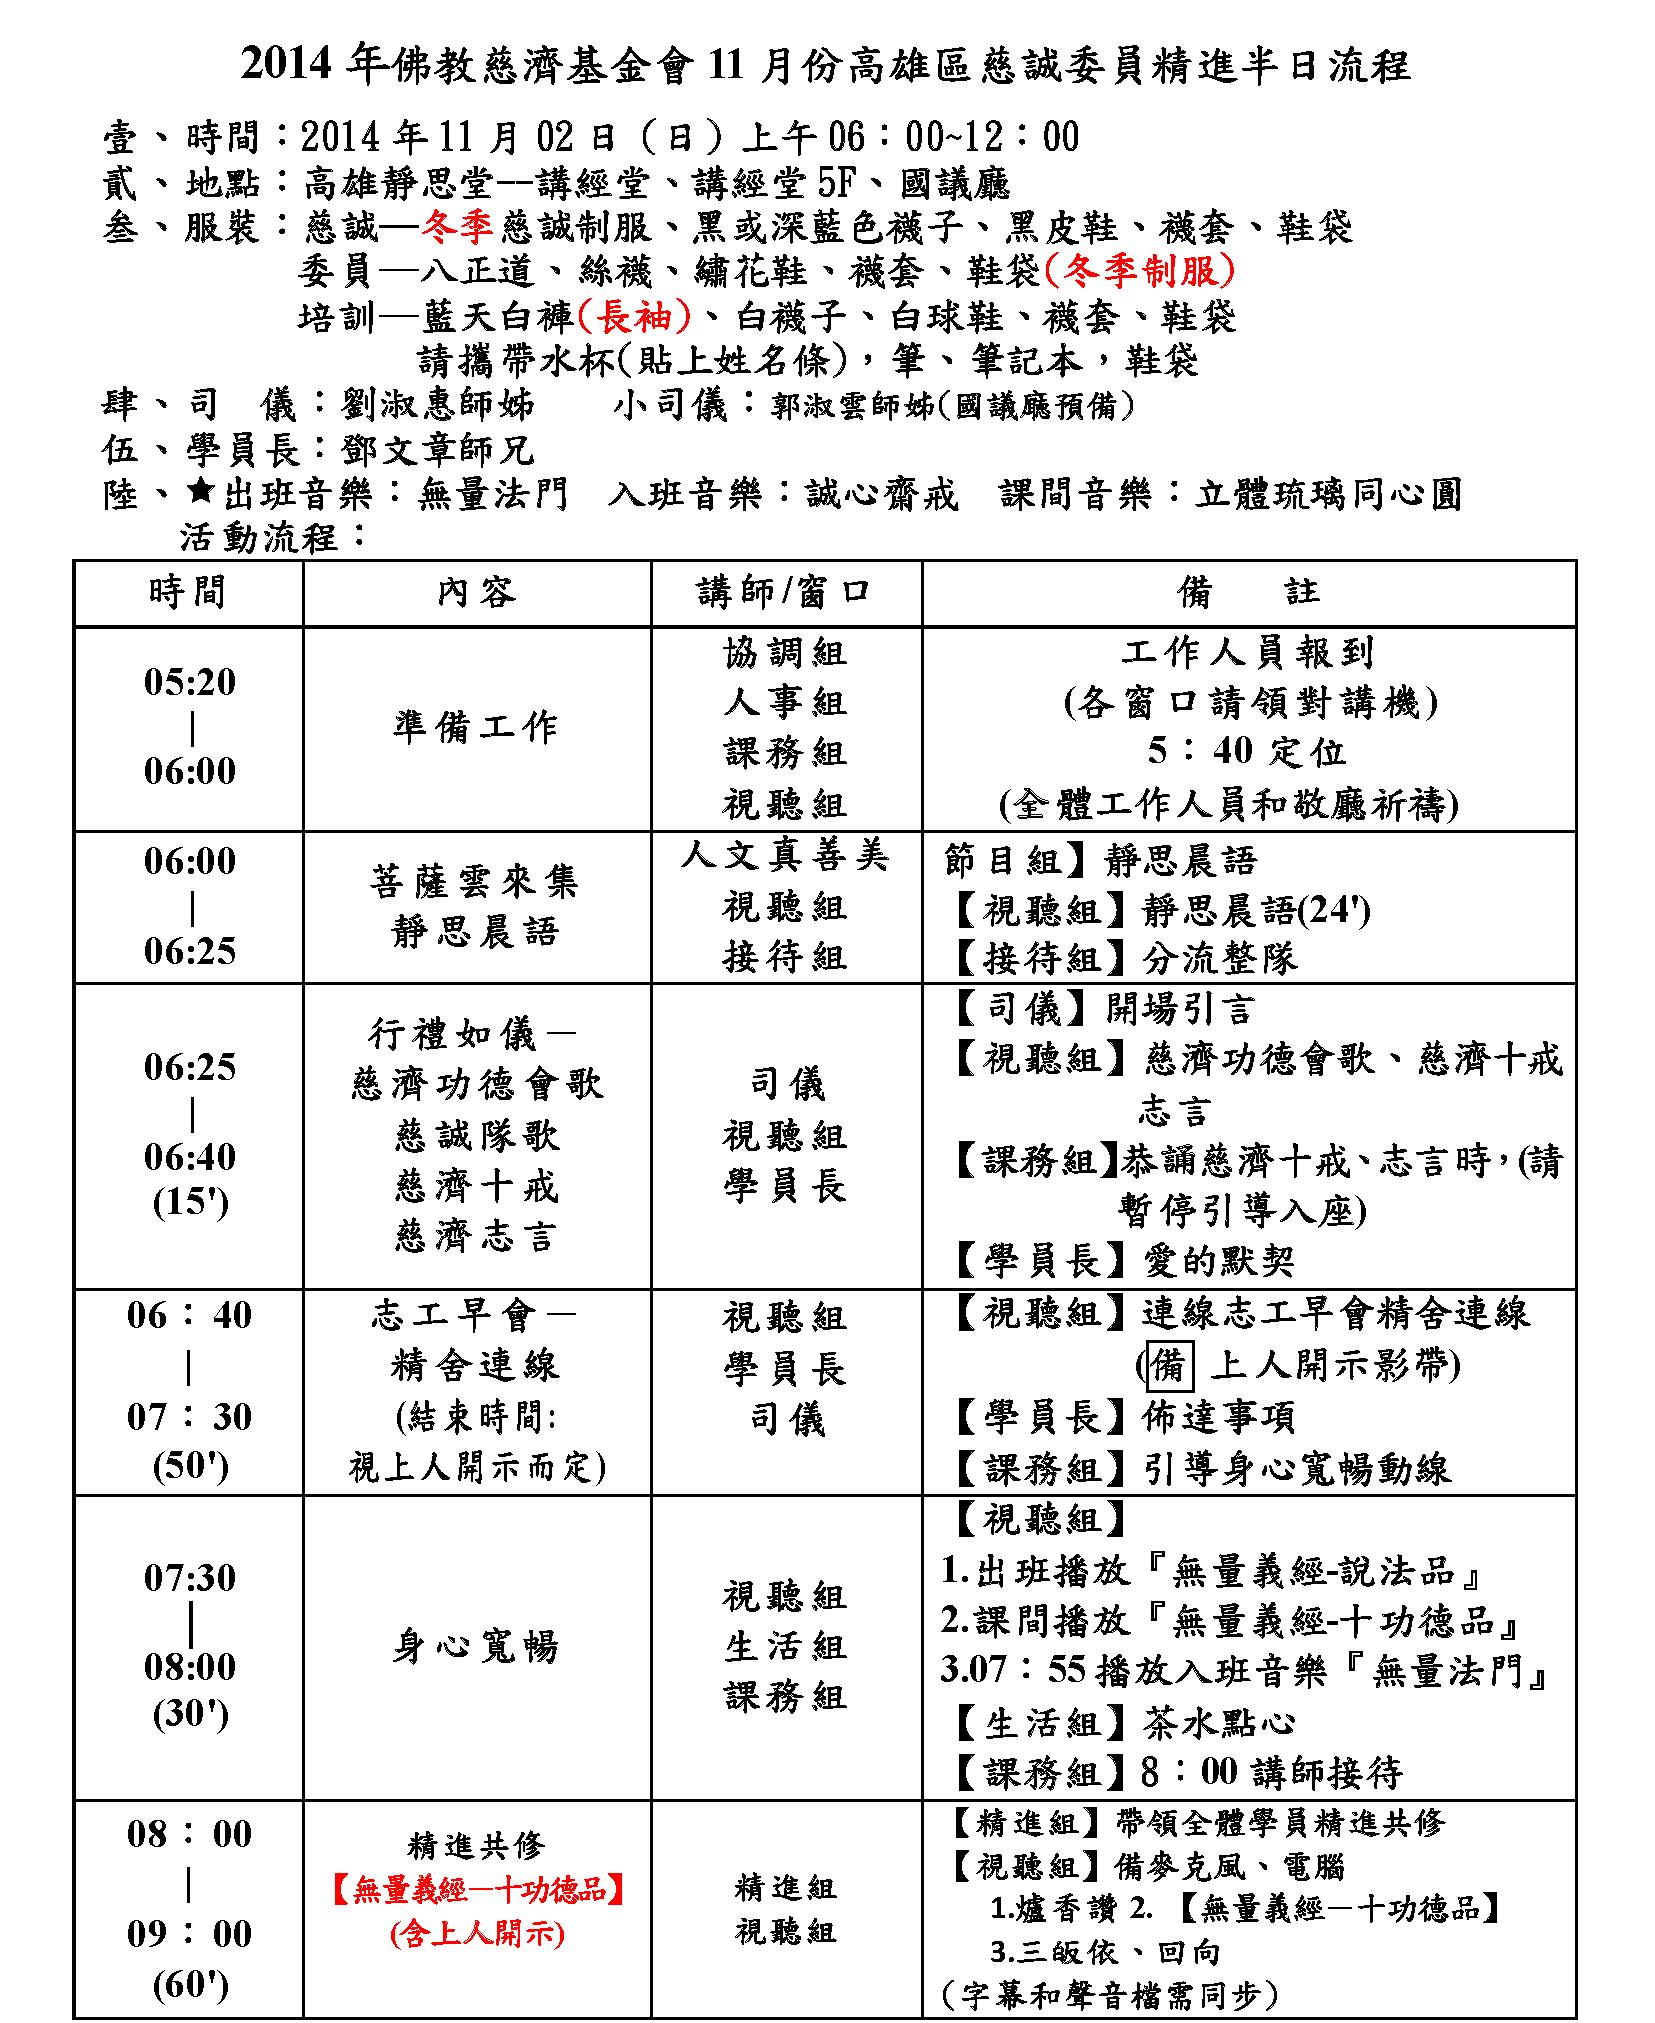 20141102精進日簡易流程(第四版)_頁面_1.png